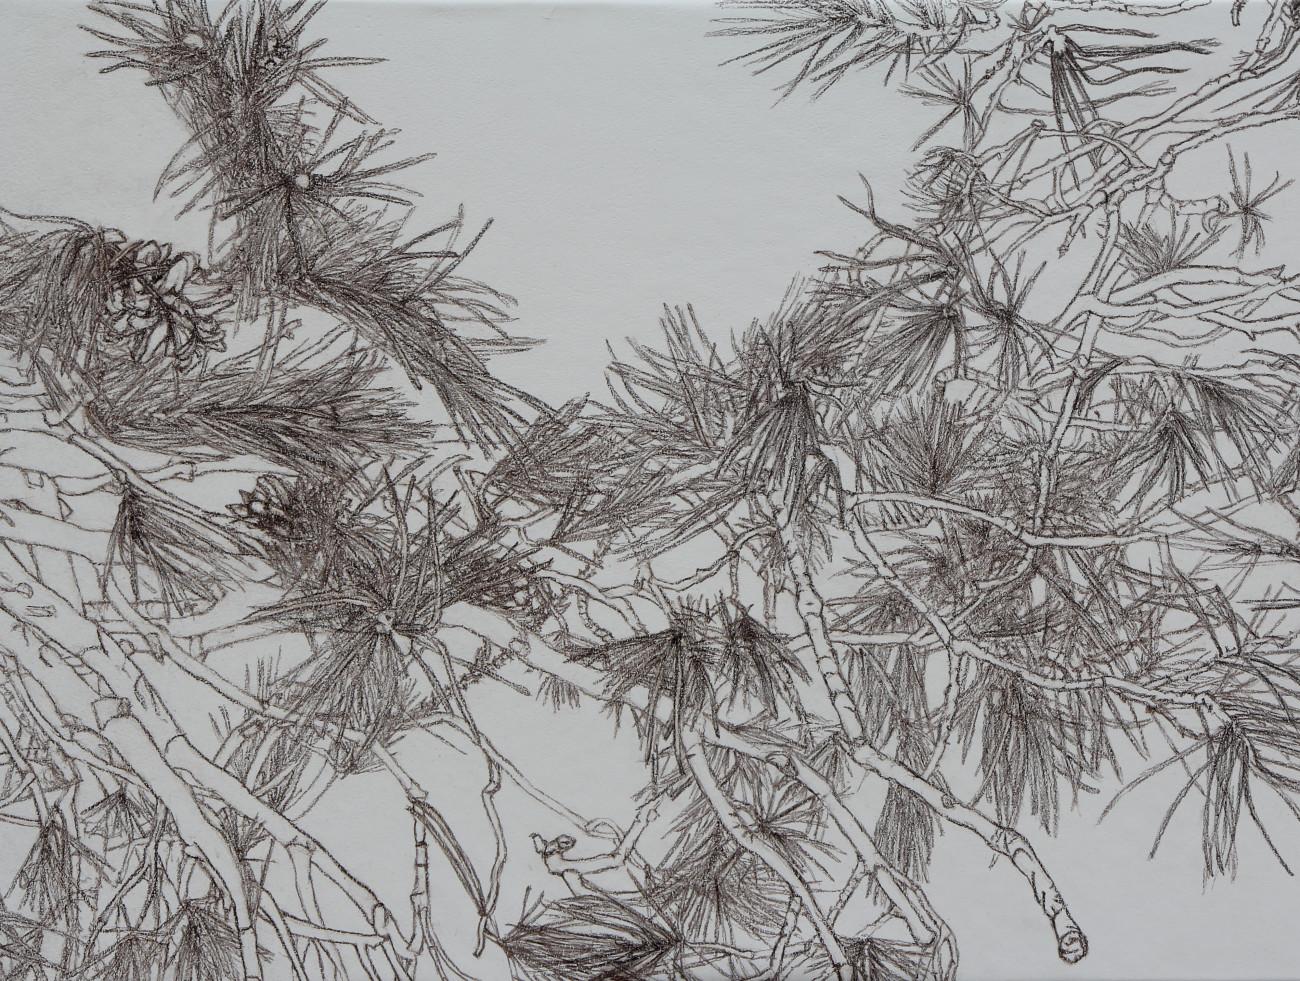 Anja Vorrath, Origo – Werkserie aus Plastiken, Zeichnungen und Radierungen Anja Vorrath